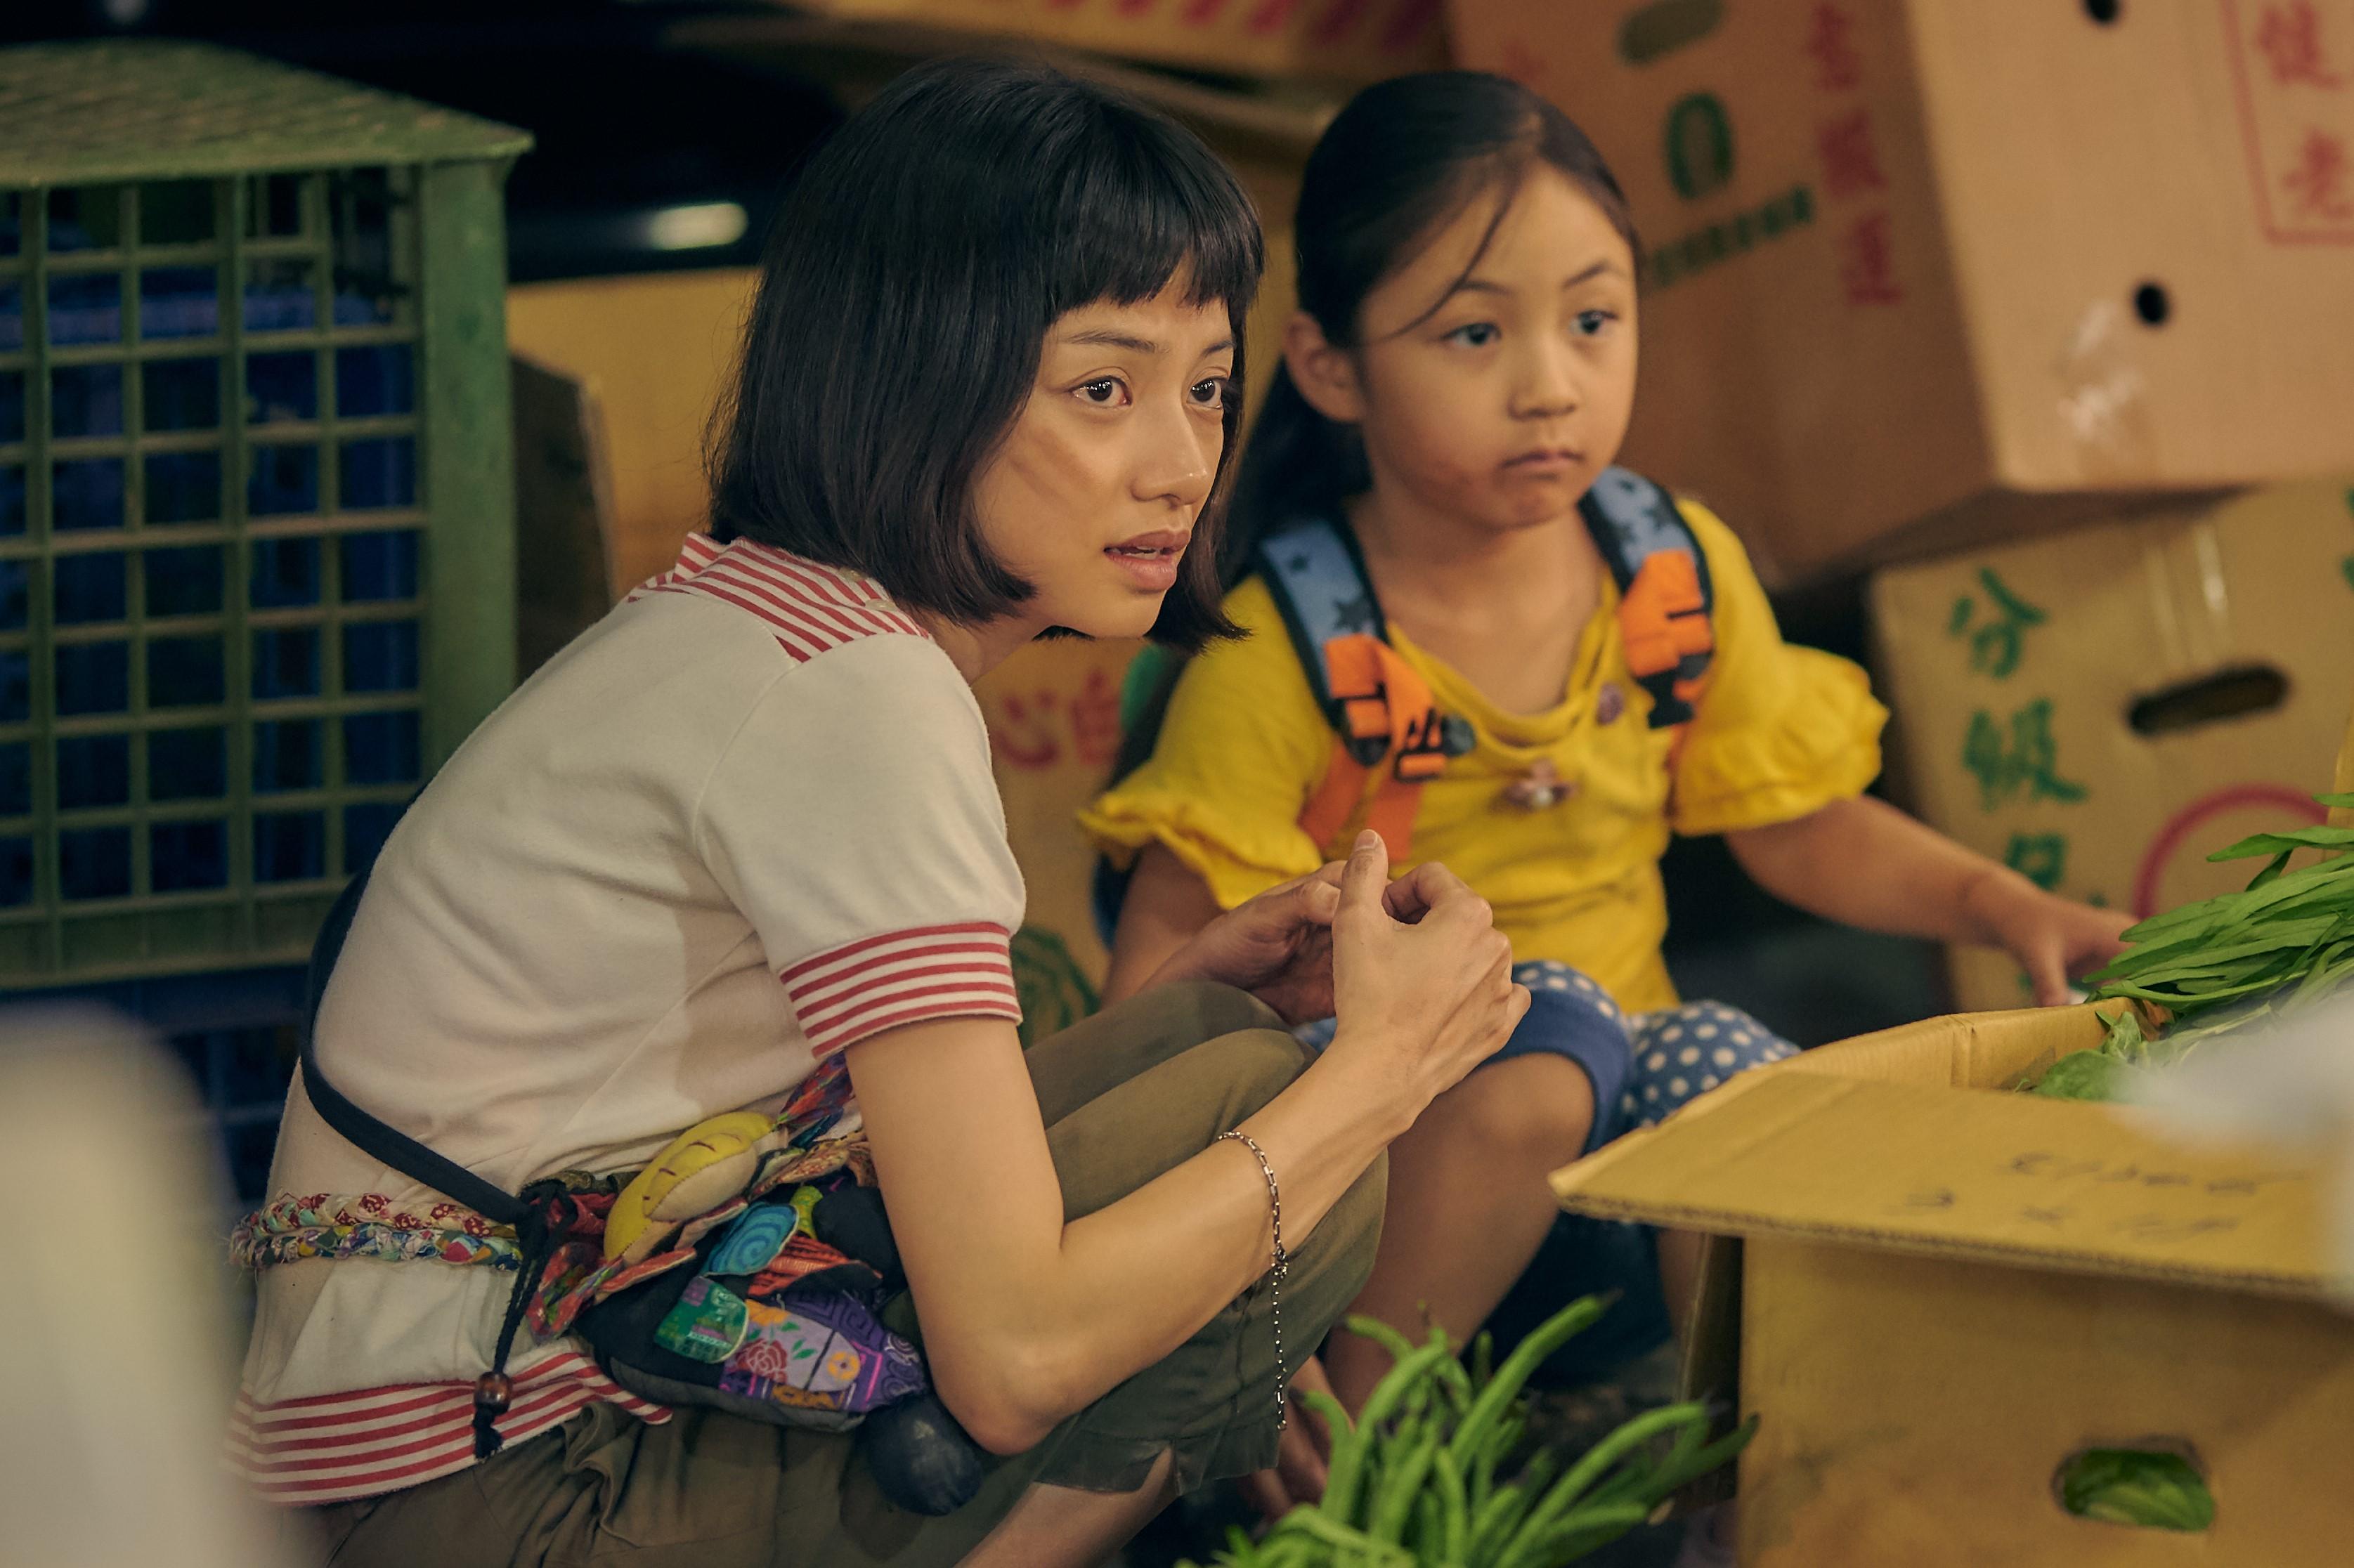 姚愛寗拍攝《為你存在的每一天》受委屈 入戲太深:「好氣這世界!」